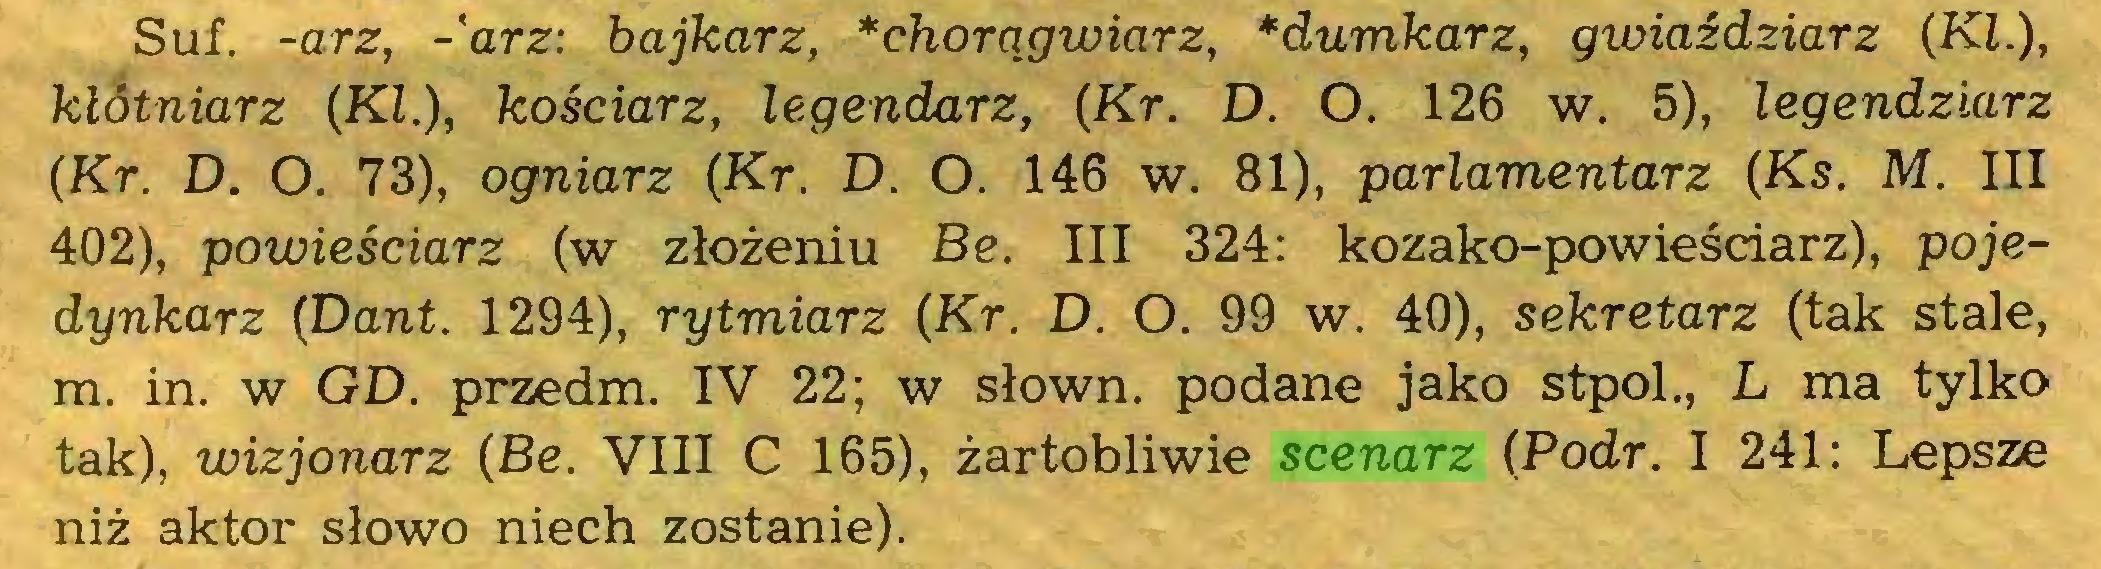 (...) Suf. -arz, -'arz: bajkarz, *chorągwiarz, *dumkarz, gwiaździarz (KI.), klótniarz (KI.), kościarz, legendarz, (Kr. D. O. 126 w. 5), legendziarz (Kr. D. O. 73), ogniarz (Kr. D. O. 146 w. 81), parlamentarz (Ks. M. III 402), powieściarz (w złożeniu Be. III 324: kozako-powieściarz), pojedynkarz (Dant. 1294), rytmiarz (Kr. D. O. 99 w. 40), sekretarz (tak stale, m. in. w GD. przedm. IV 22; w słown. podane jako stpol., L ma tylko tak), wizjonarz (Be. VIII C 165), żartobliwie scenarz (Podr. I 241: Lepsze niż aktor słowo niech zostanie)...